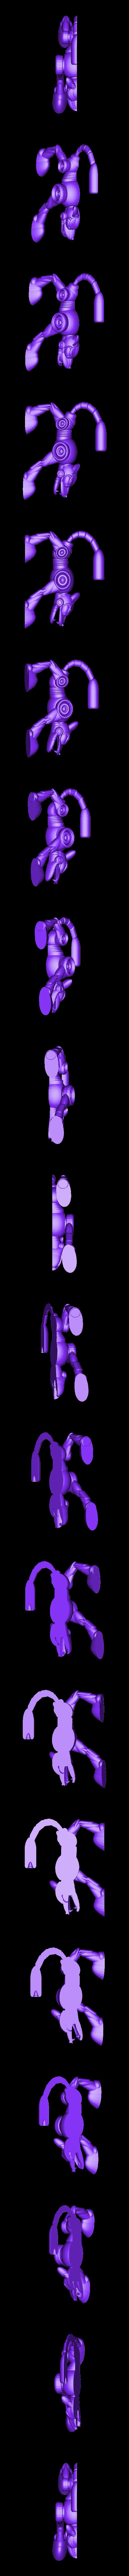 left_dog.stl Download free STL file HOT DOG from MEGAMAN 2 • Design to 3D print, LittleTup